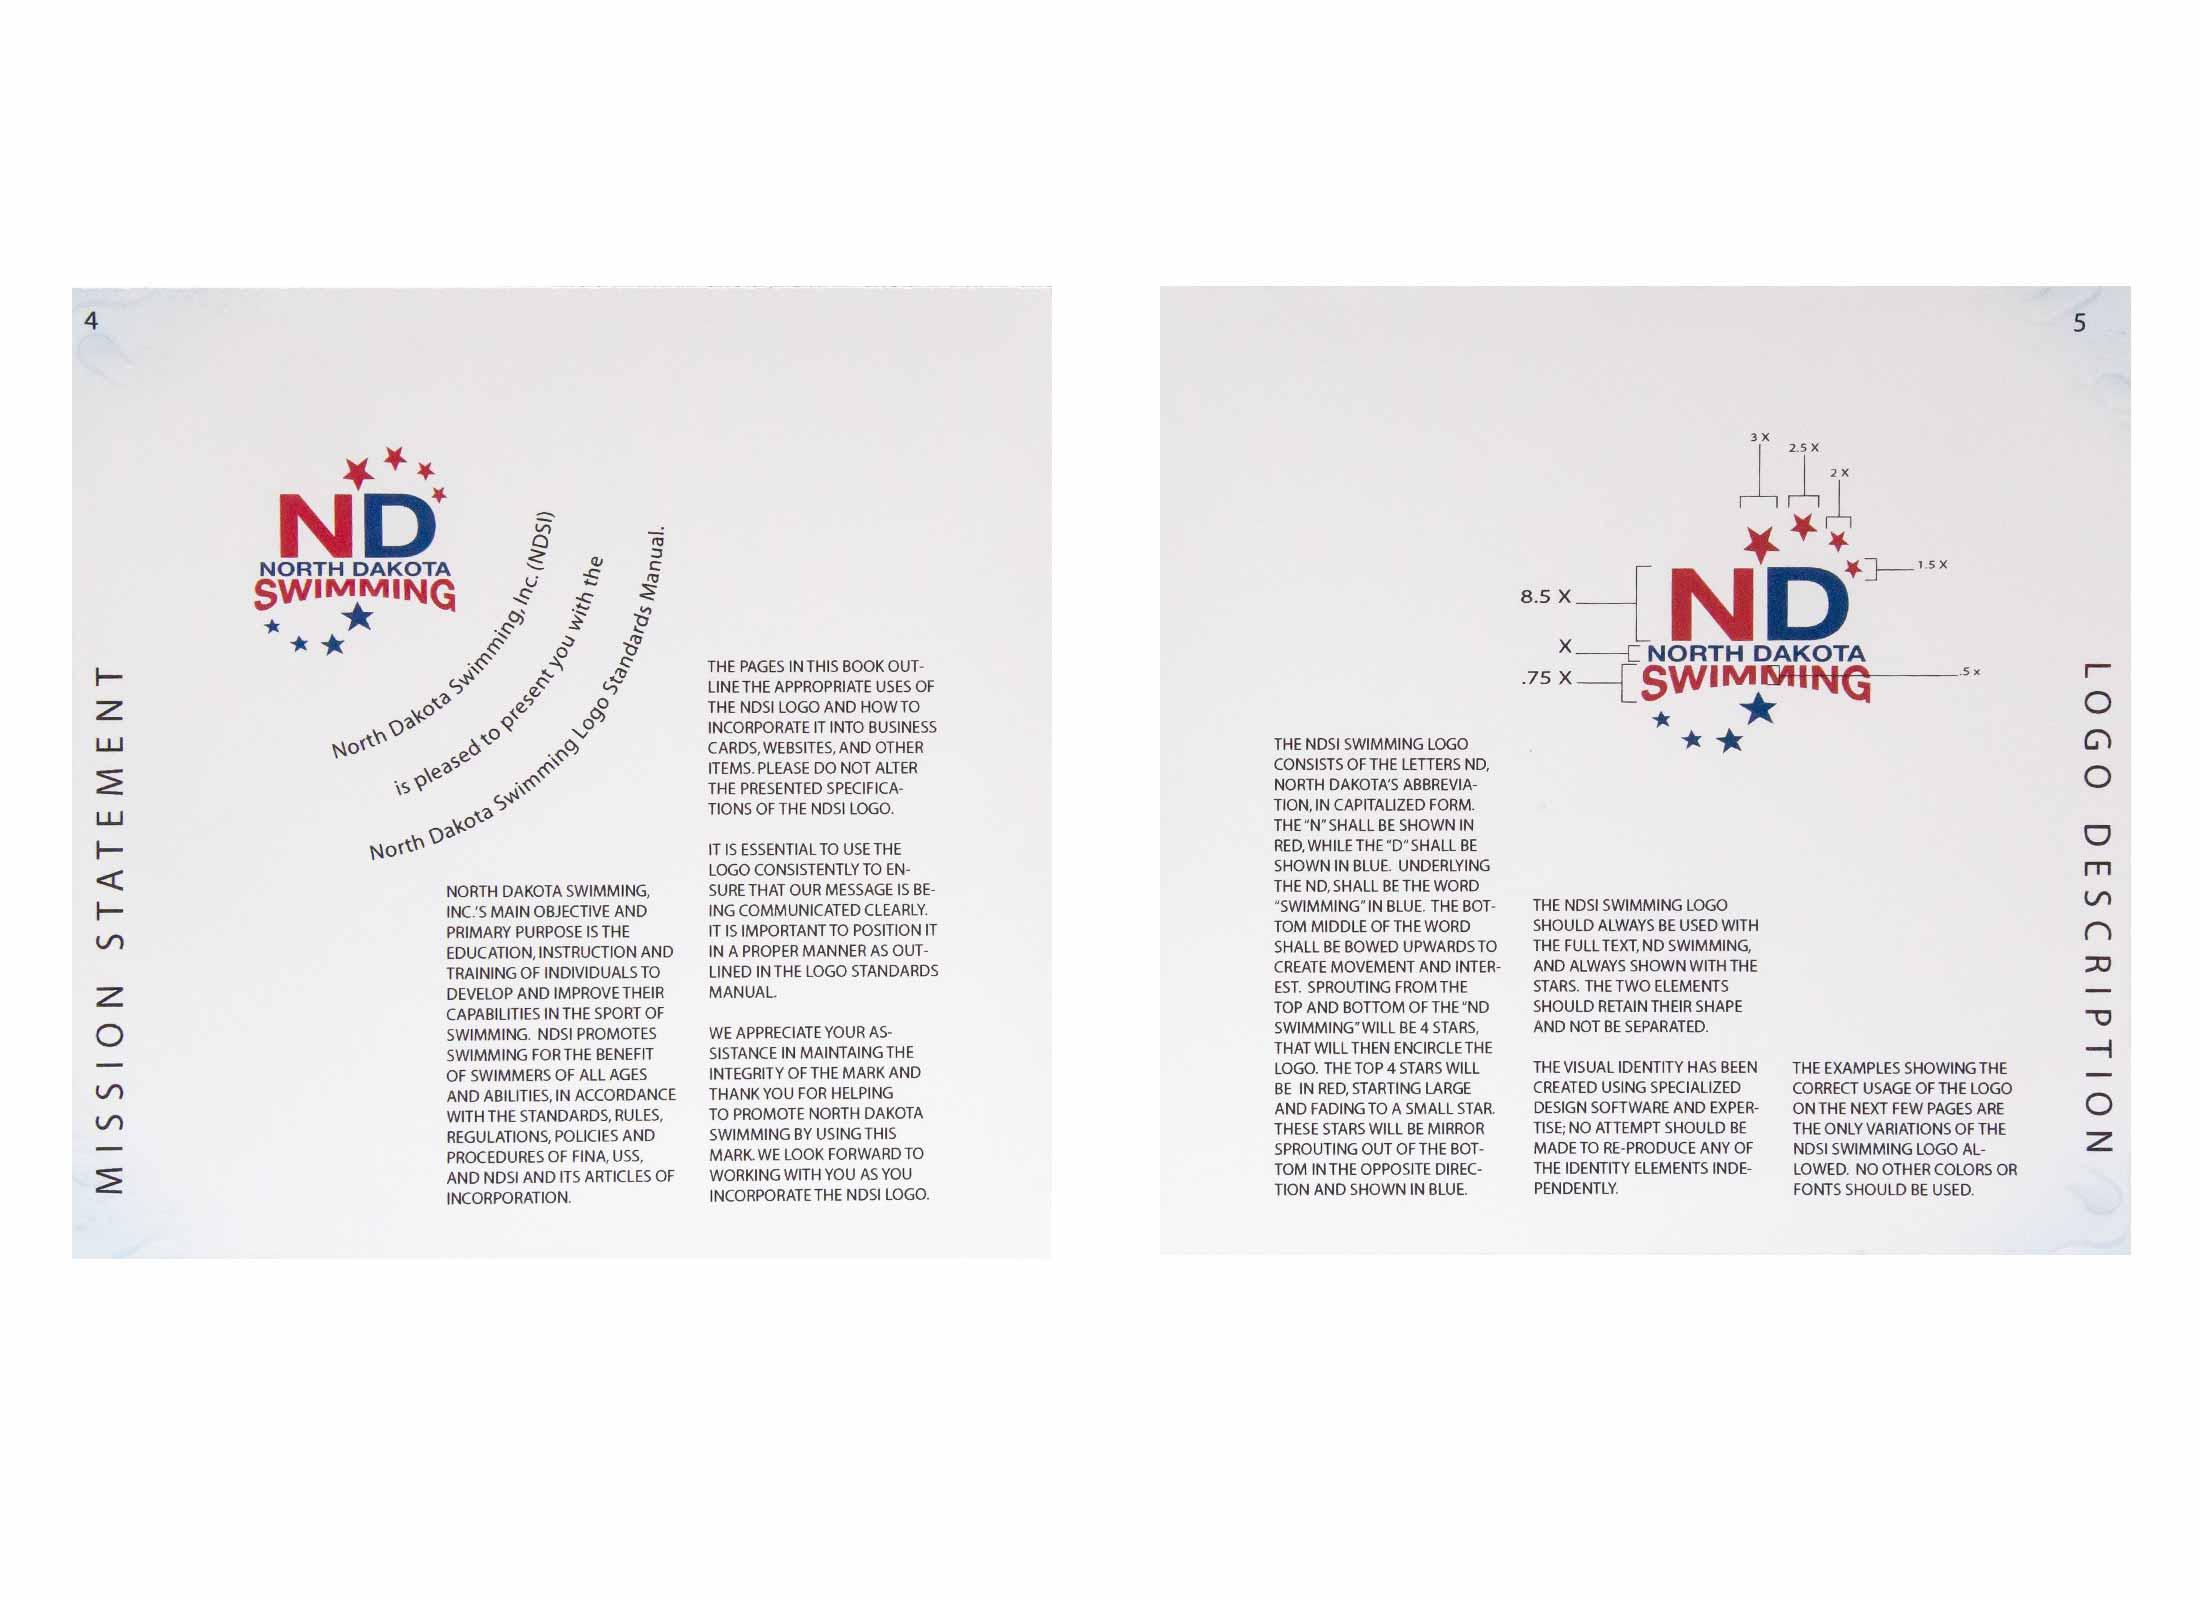 nd-logo-4.jpg